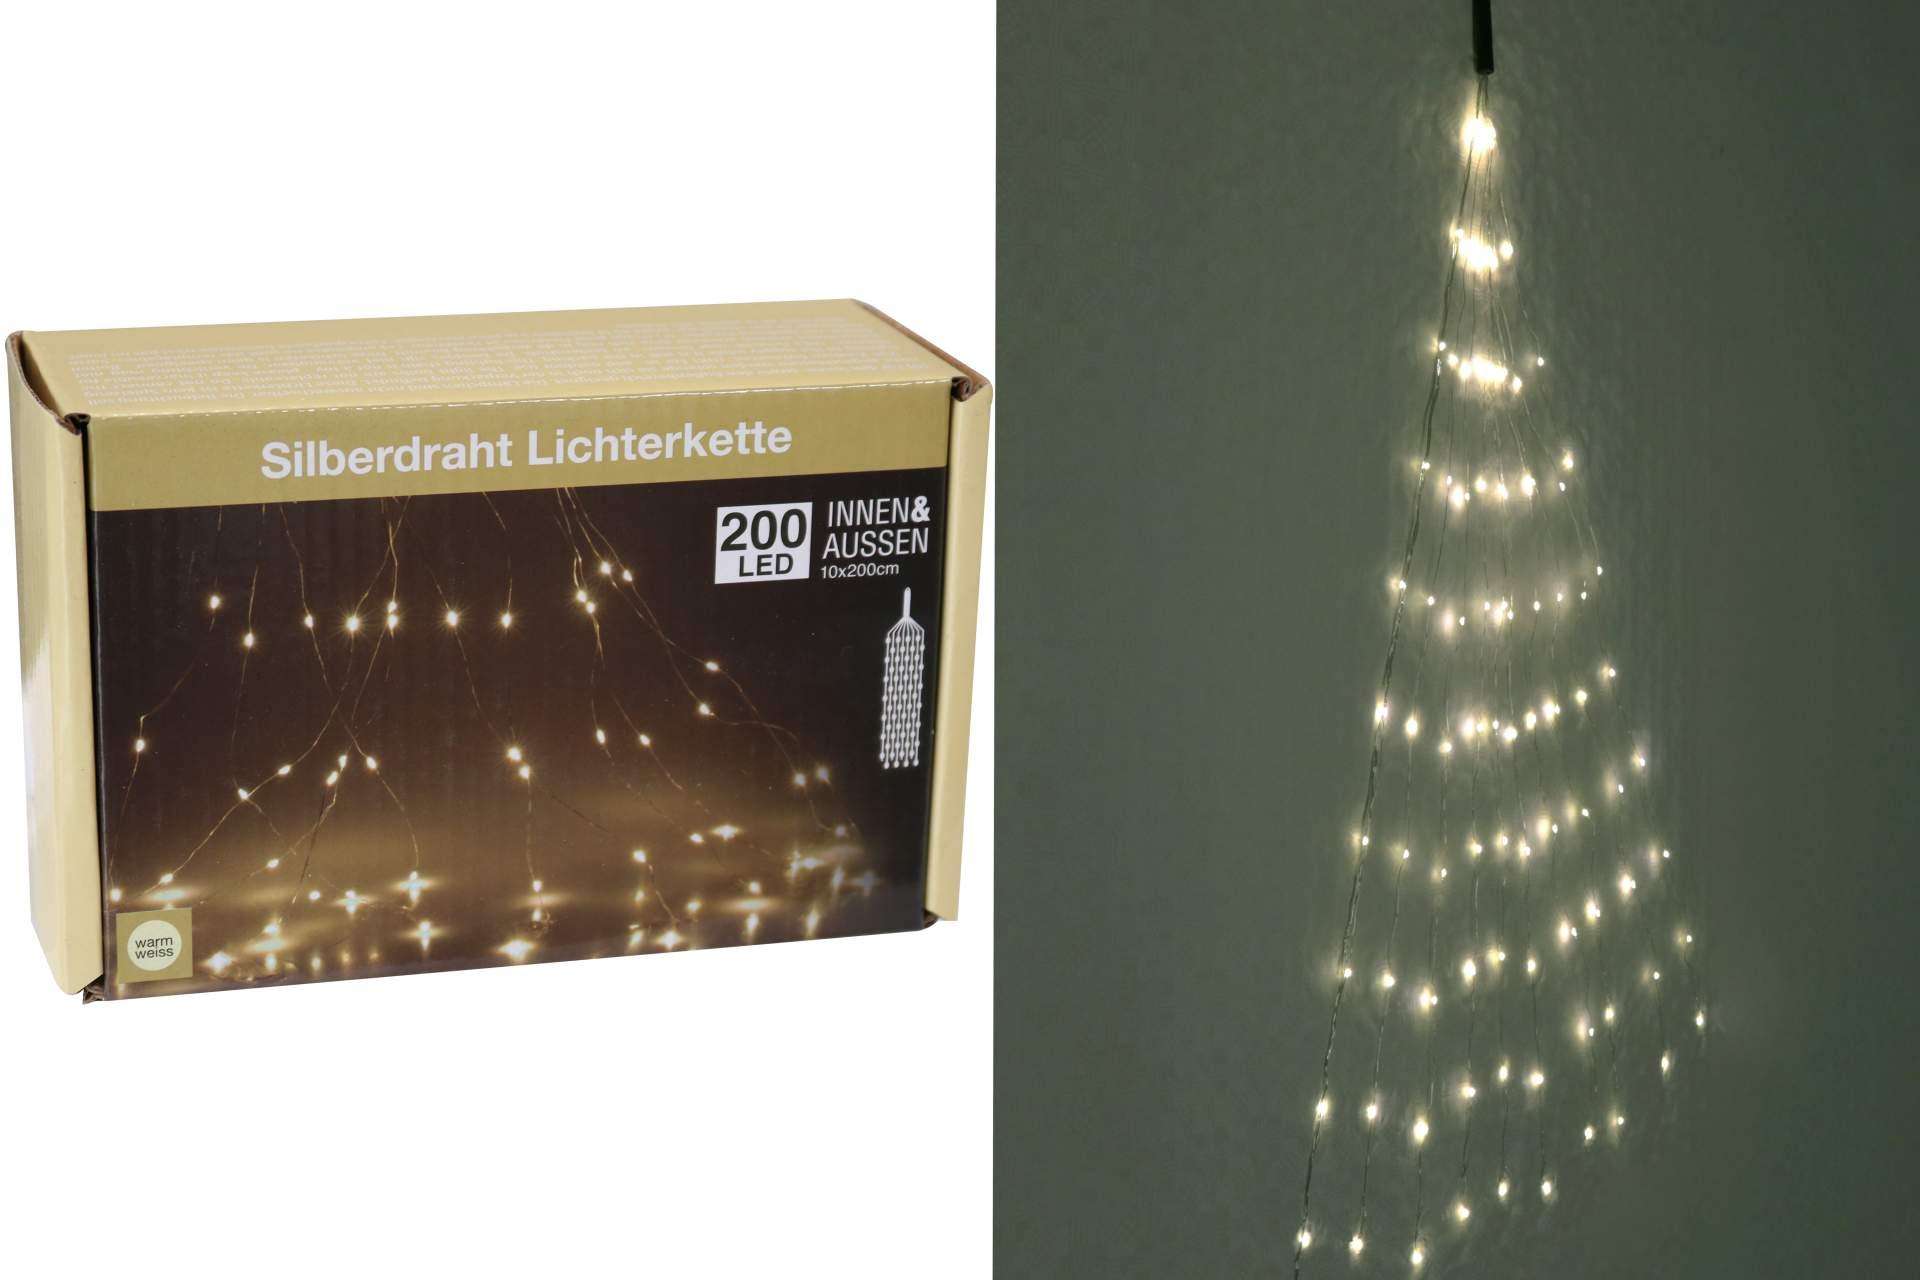 silberdraht lichterkette warmweiss 200 led f r au en und innnen deko weihnachten ebay. Black Bedroom Furniture Sets. Home Design Ideas